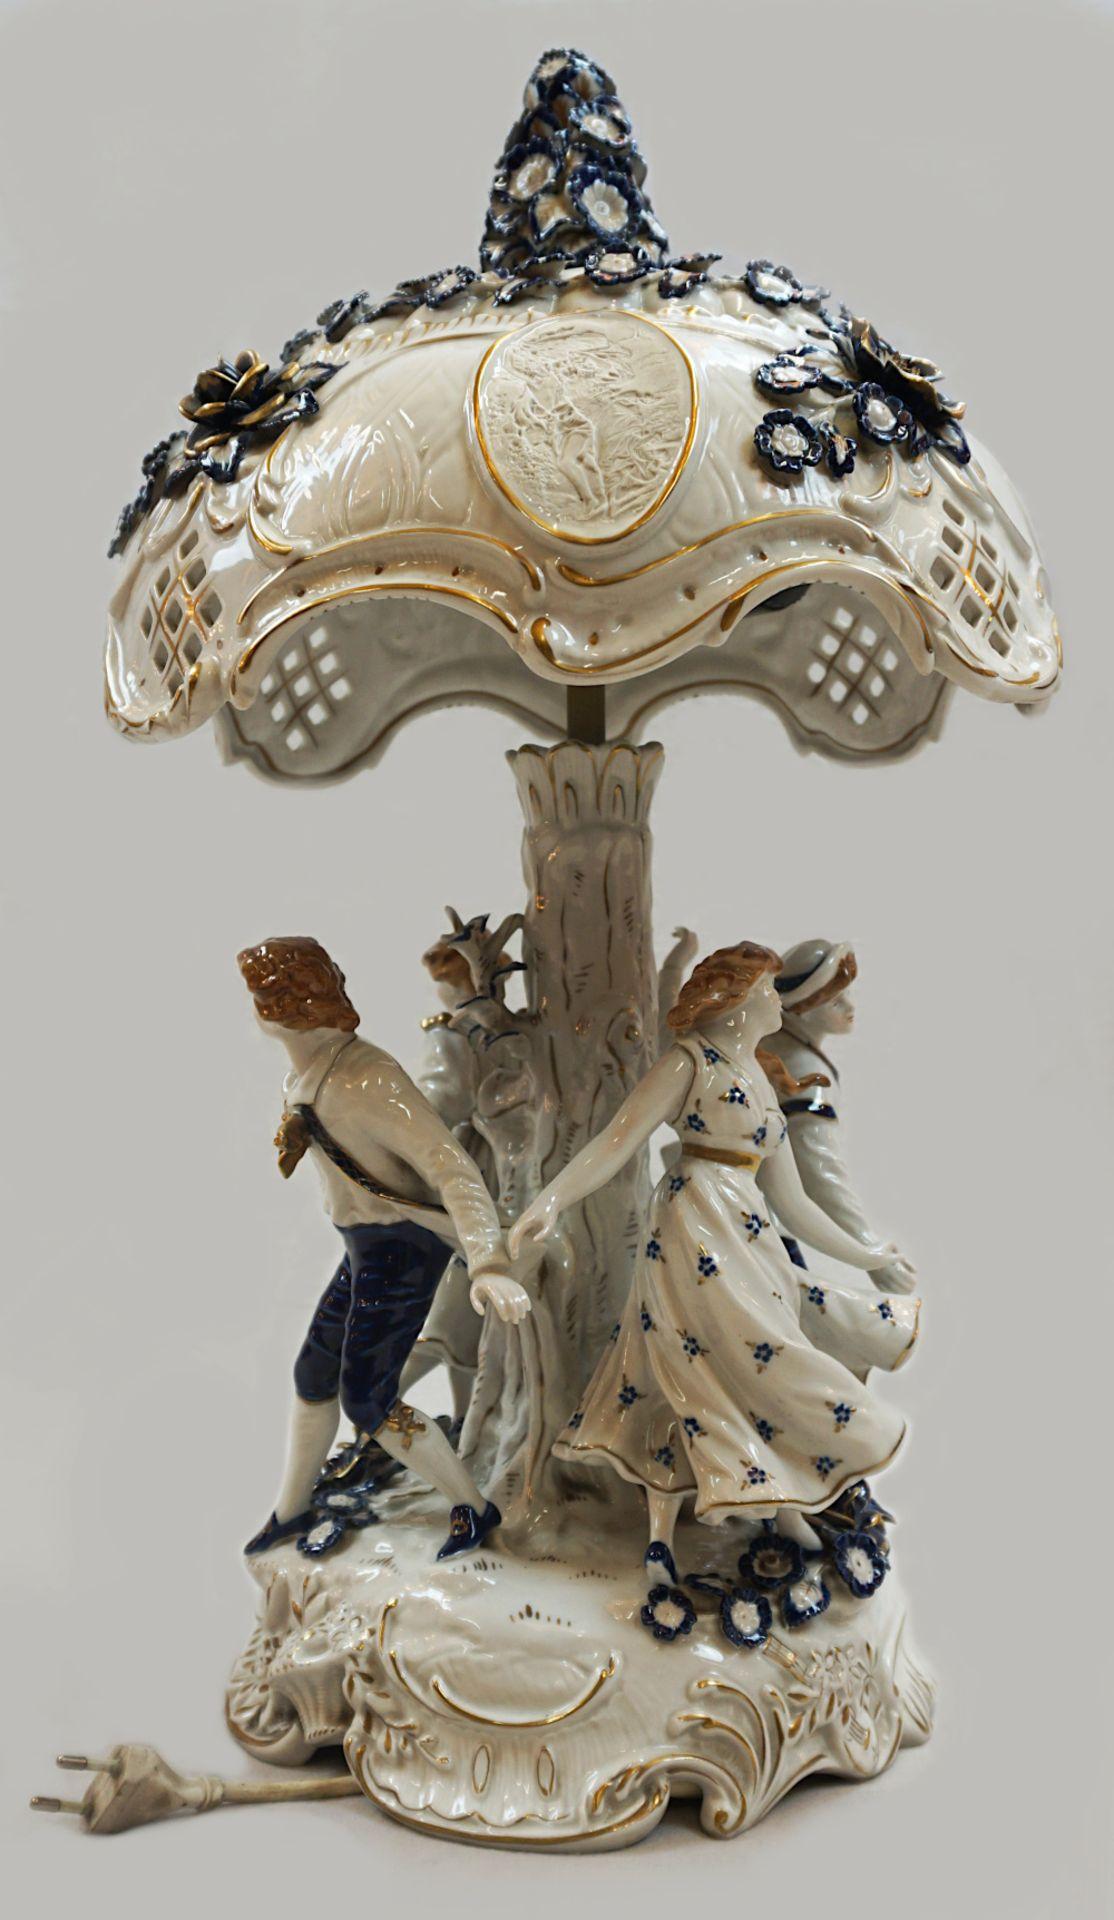 1 Tischlampe / Lithophanie-Leuchte Porzellan PLAUE, Gdr 2-flammig, elektrisch, Fuß in - Bild 2 aus 4